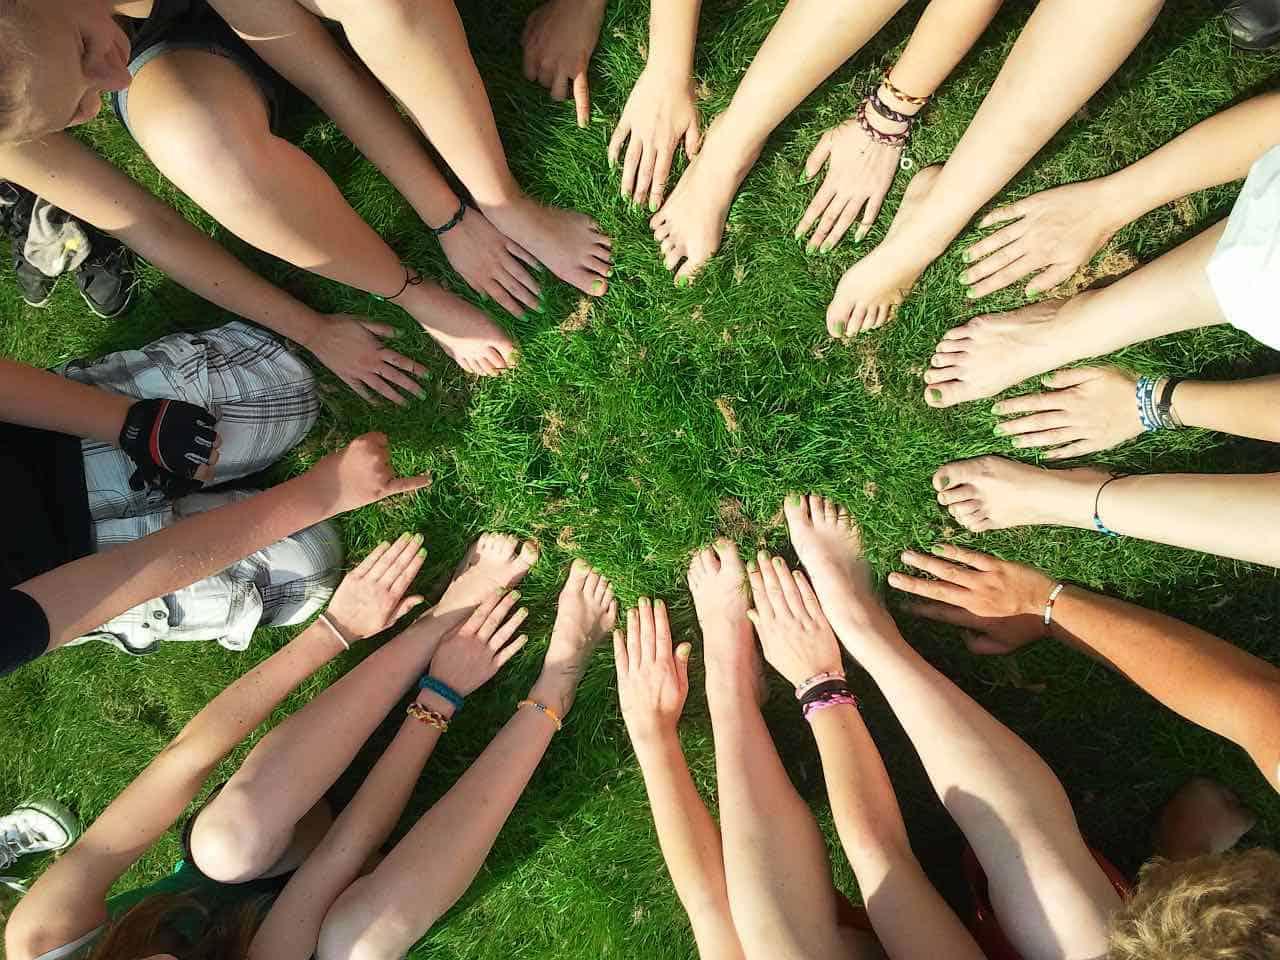 hands, help,serve, grass